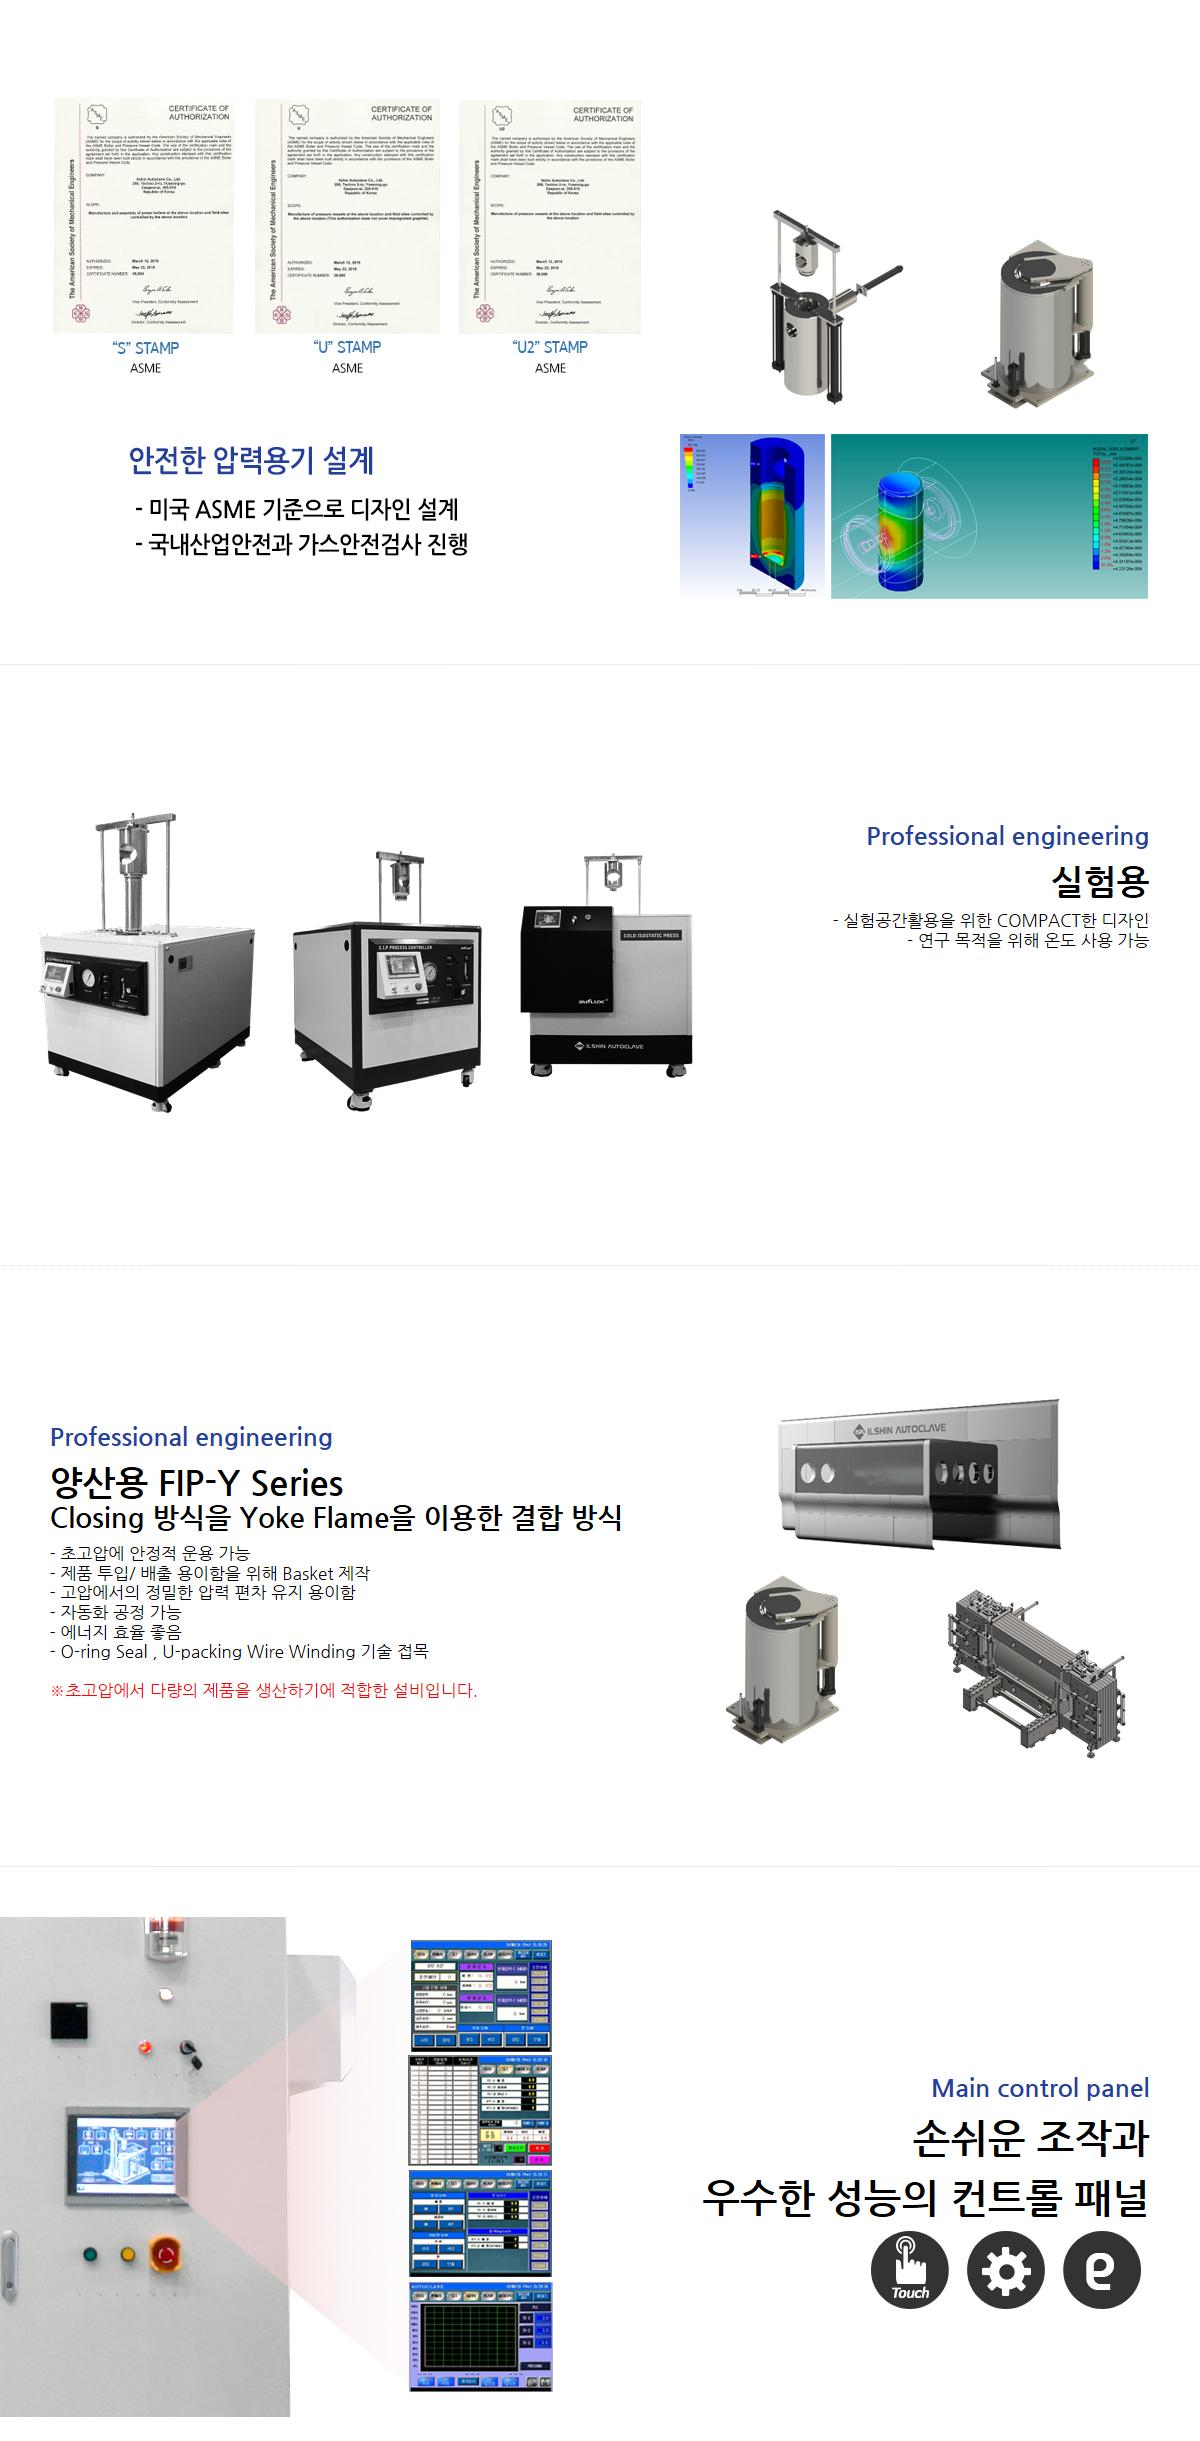 일신오토클레이브 식품용 고압 정수압 프레스 (FIP) ISA-FIP-Series